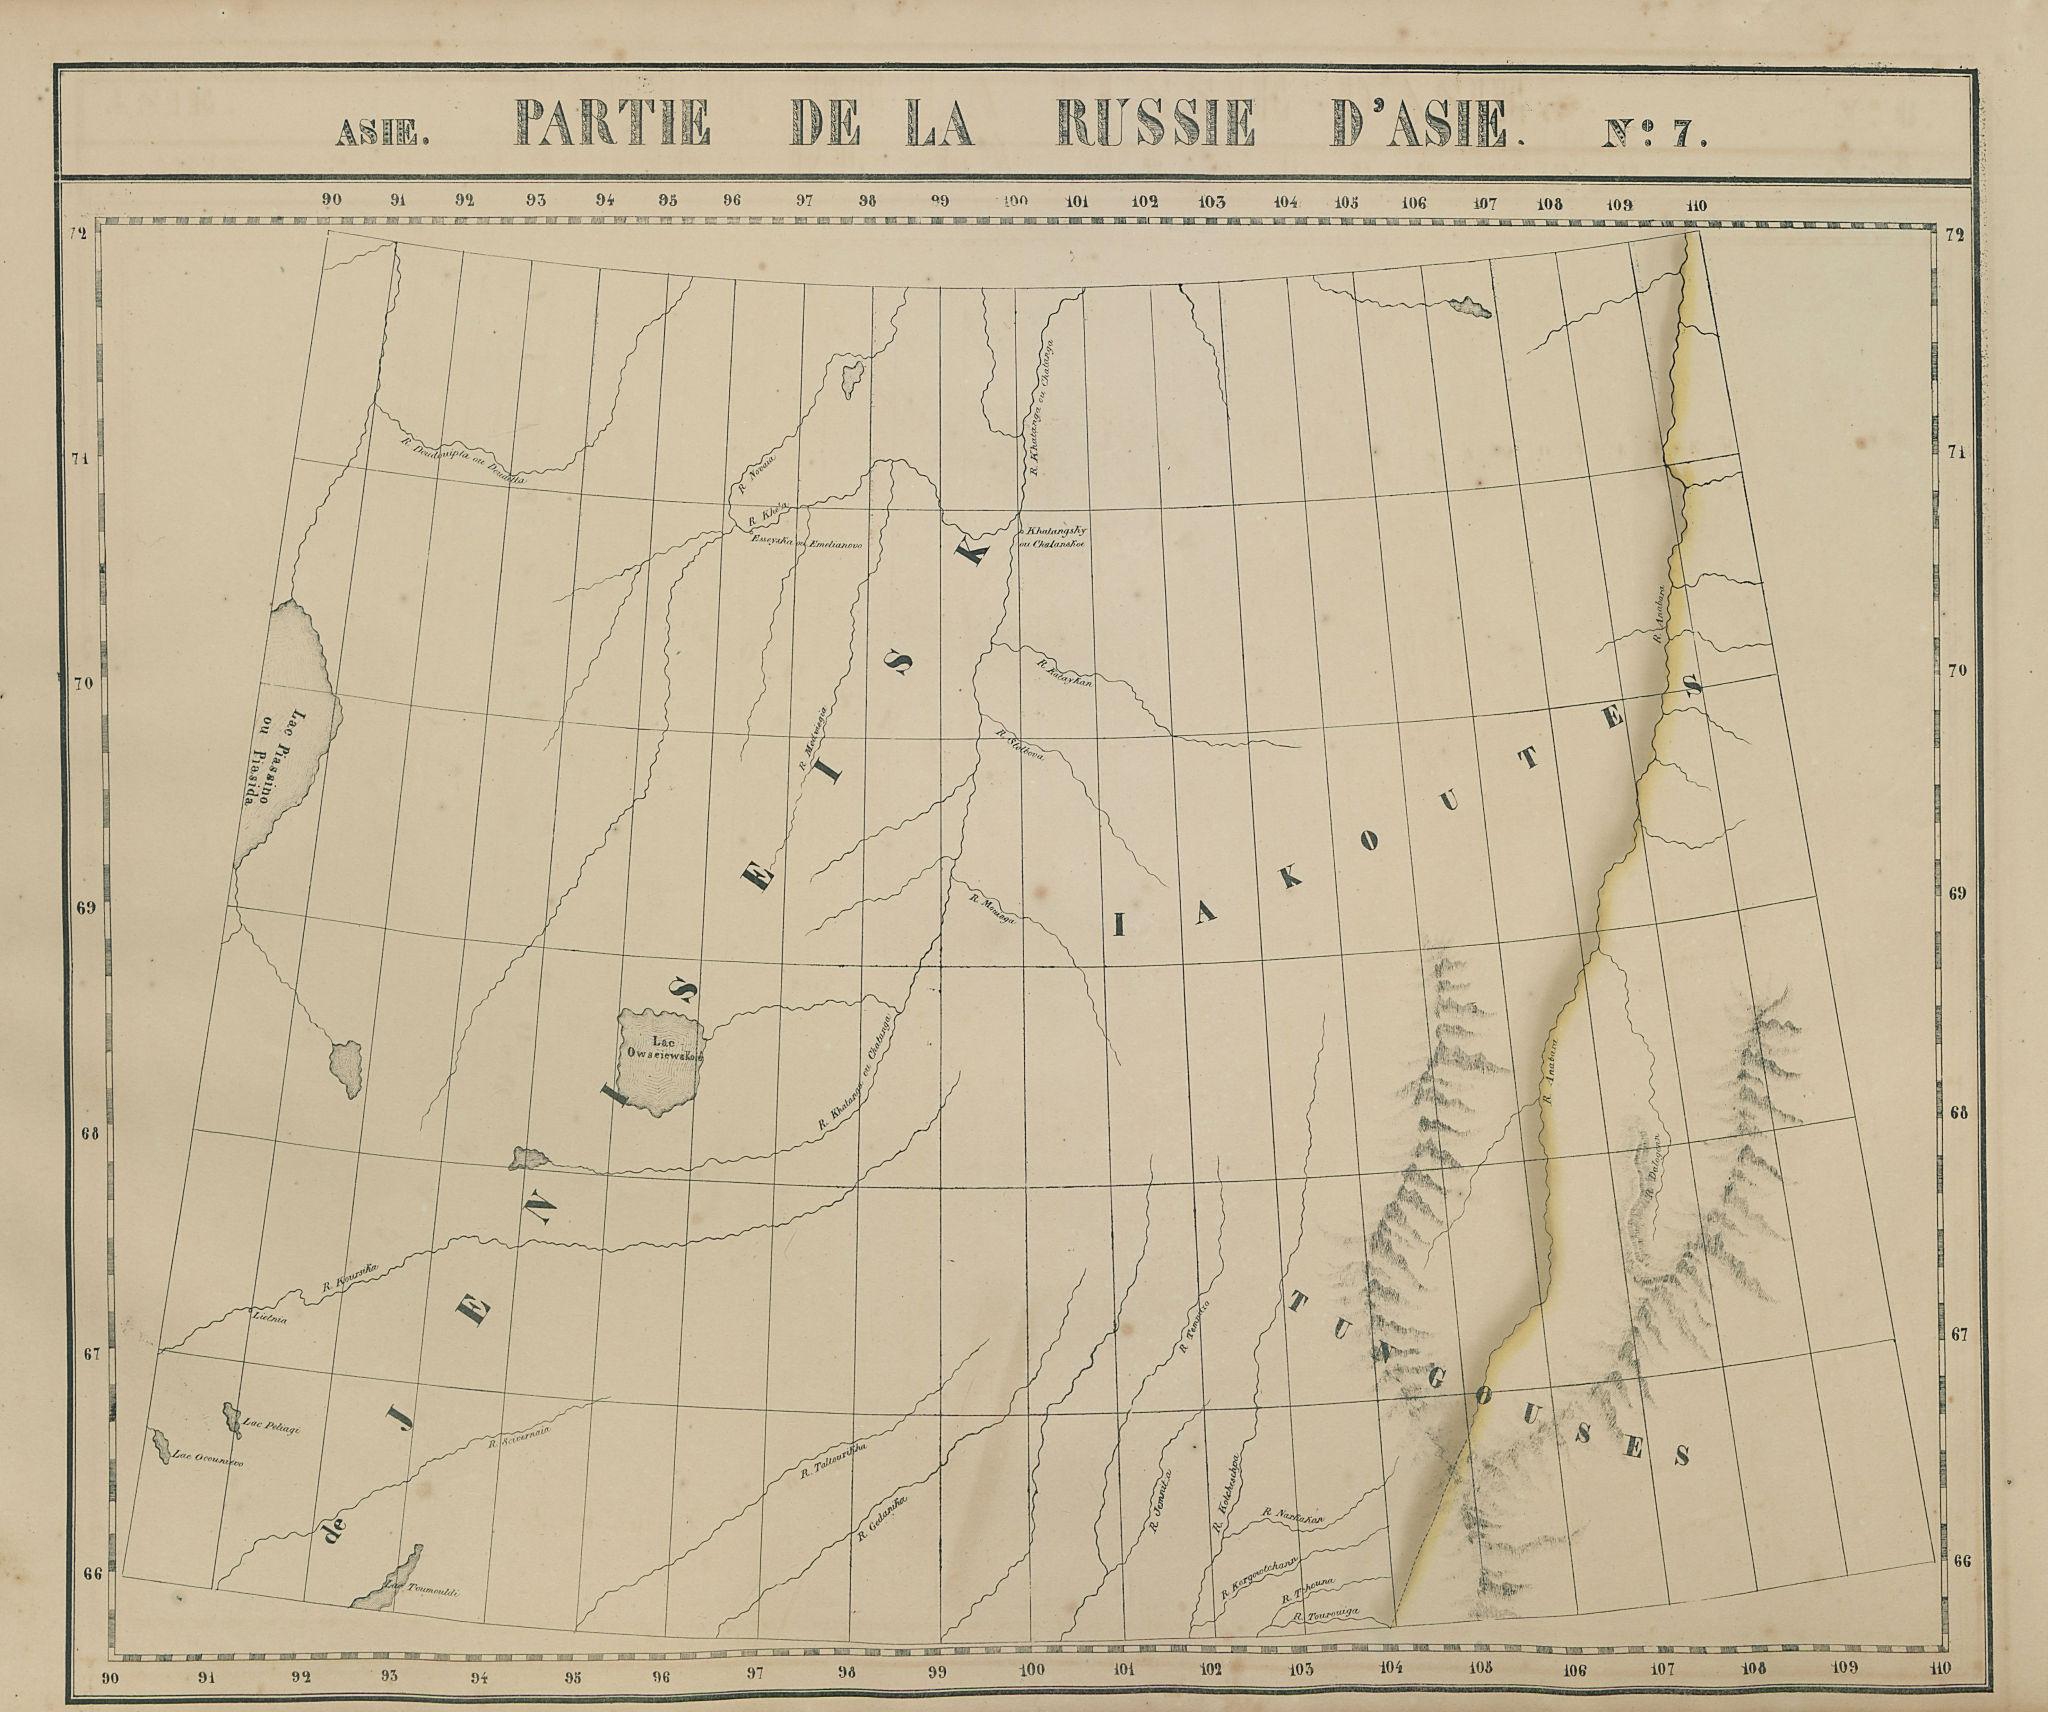 Partie… Russie d'Asie #7 Russia Siberia Krasnoyarsk Sakha. VANDERMAELEN 1827 map